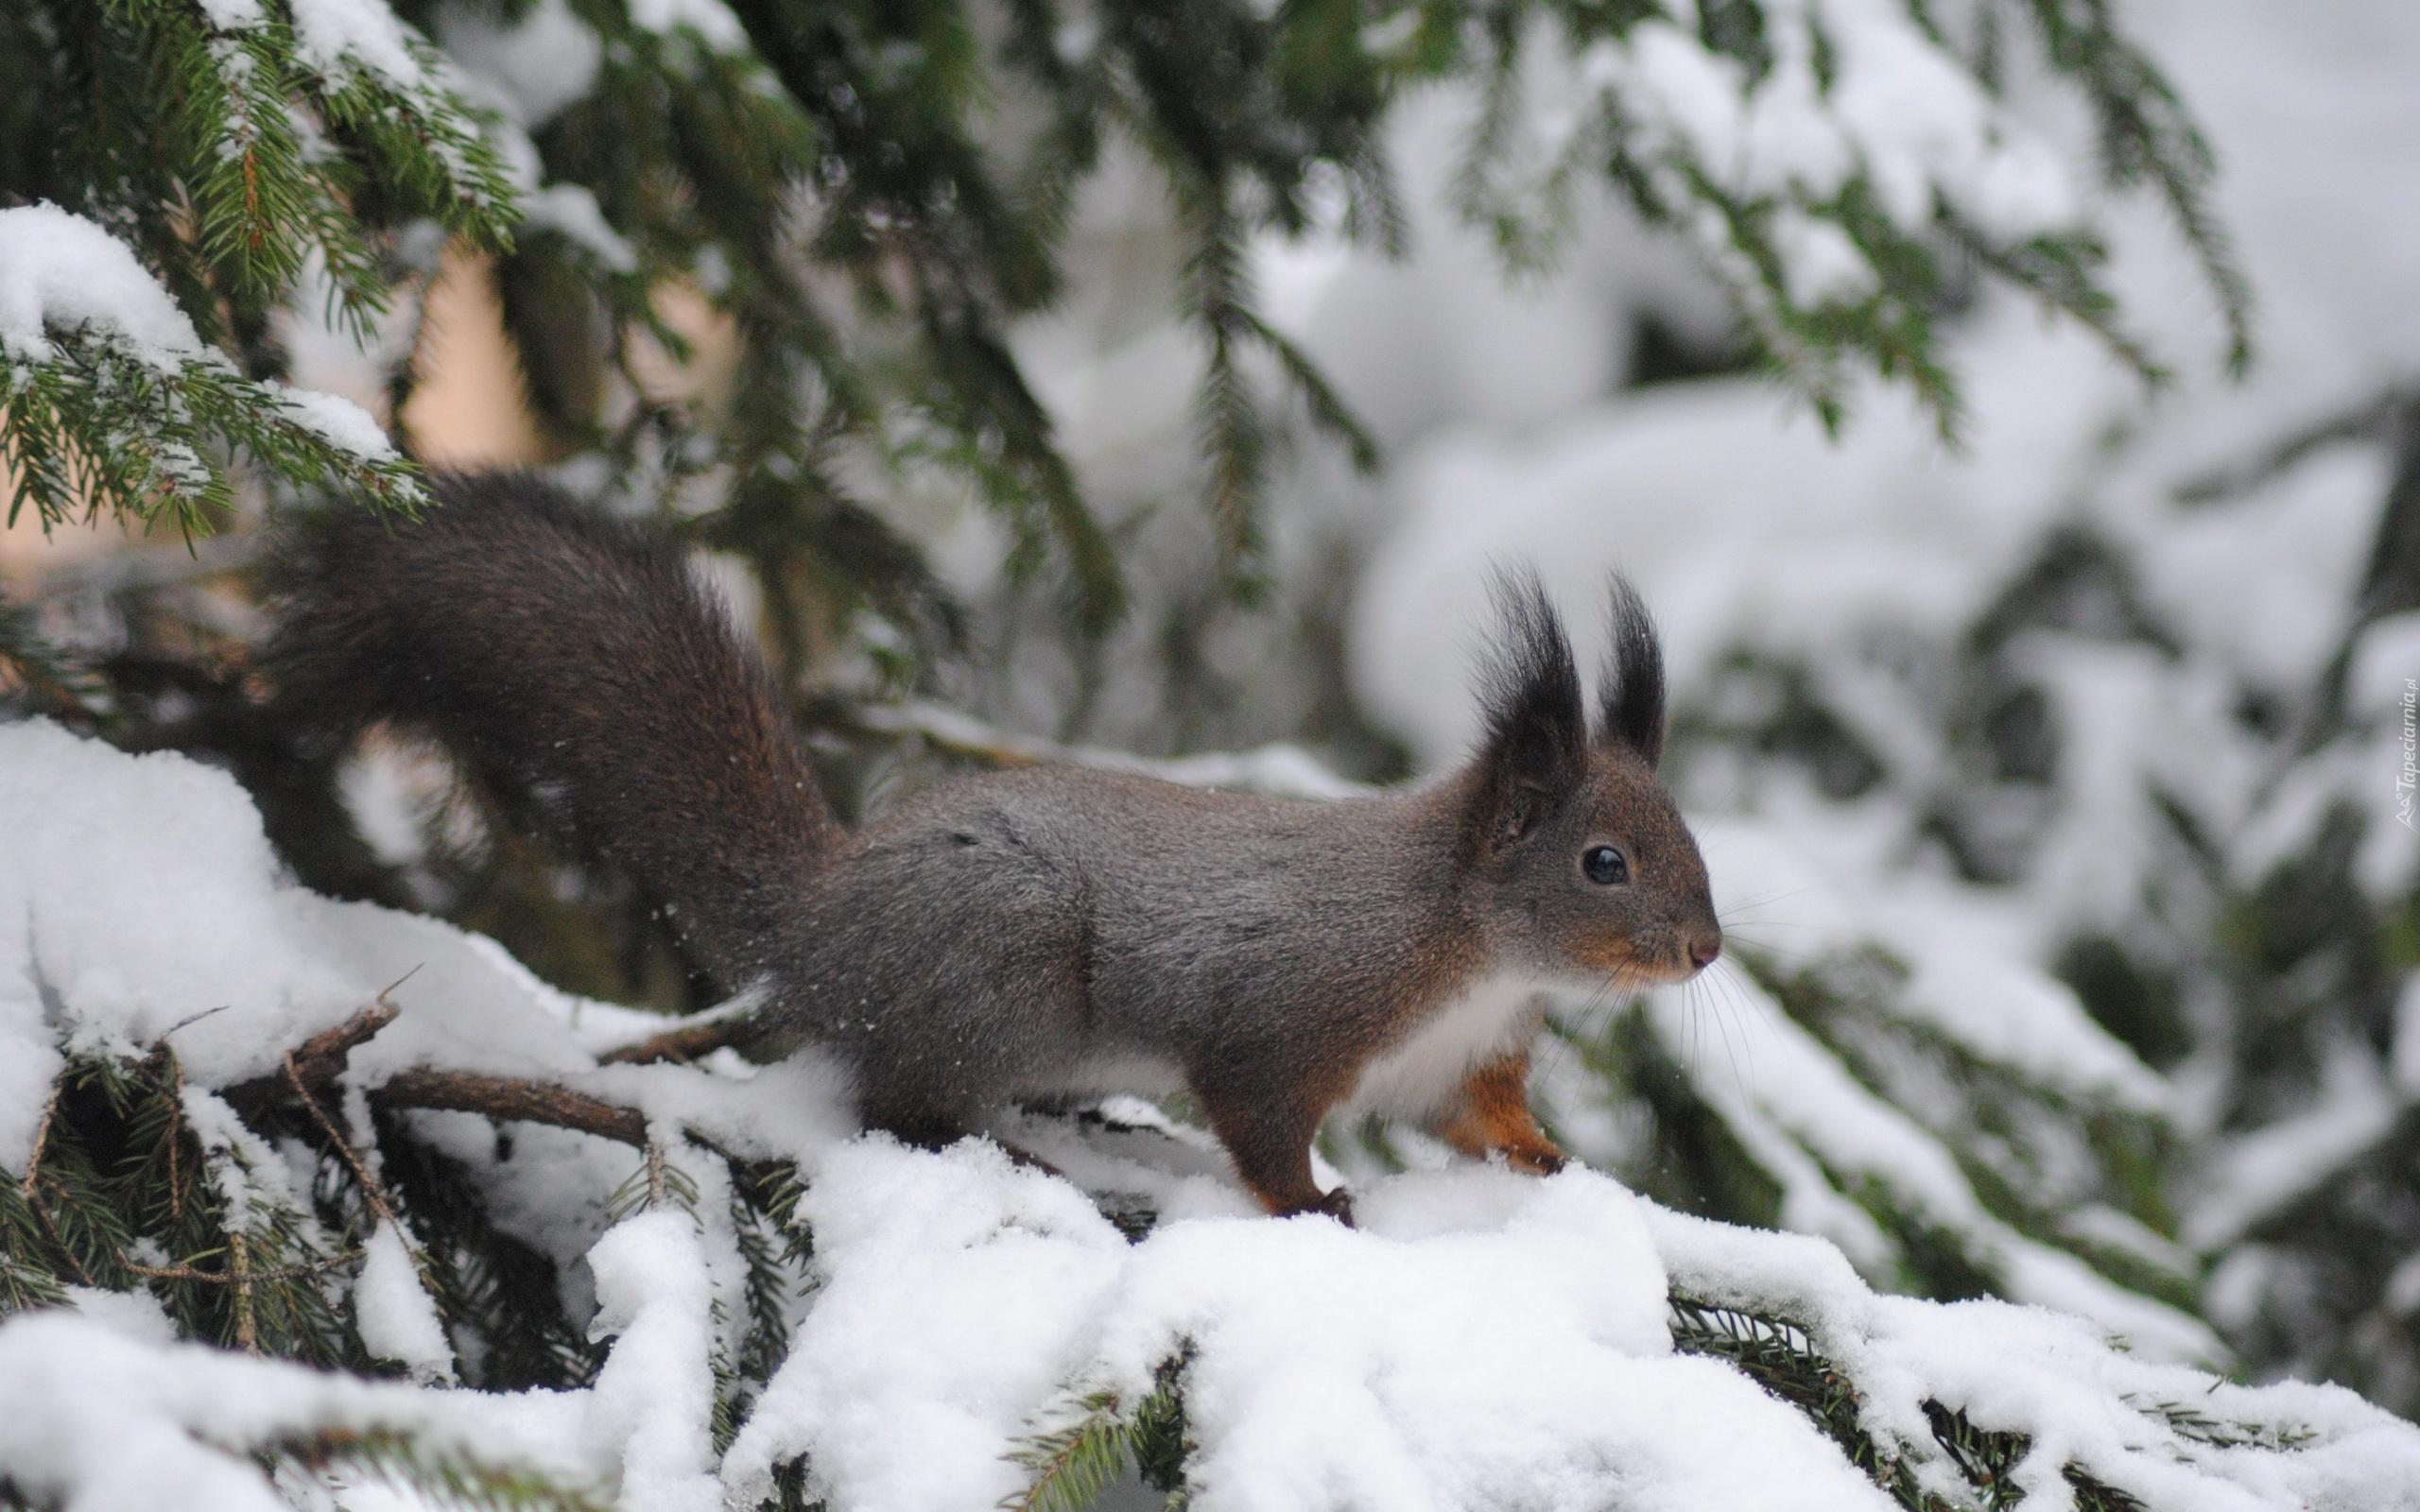 стал картинки белочки и зимний лес подрастающем поколении, власти